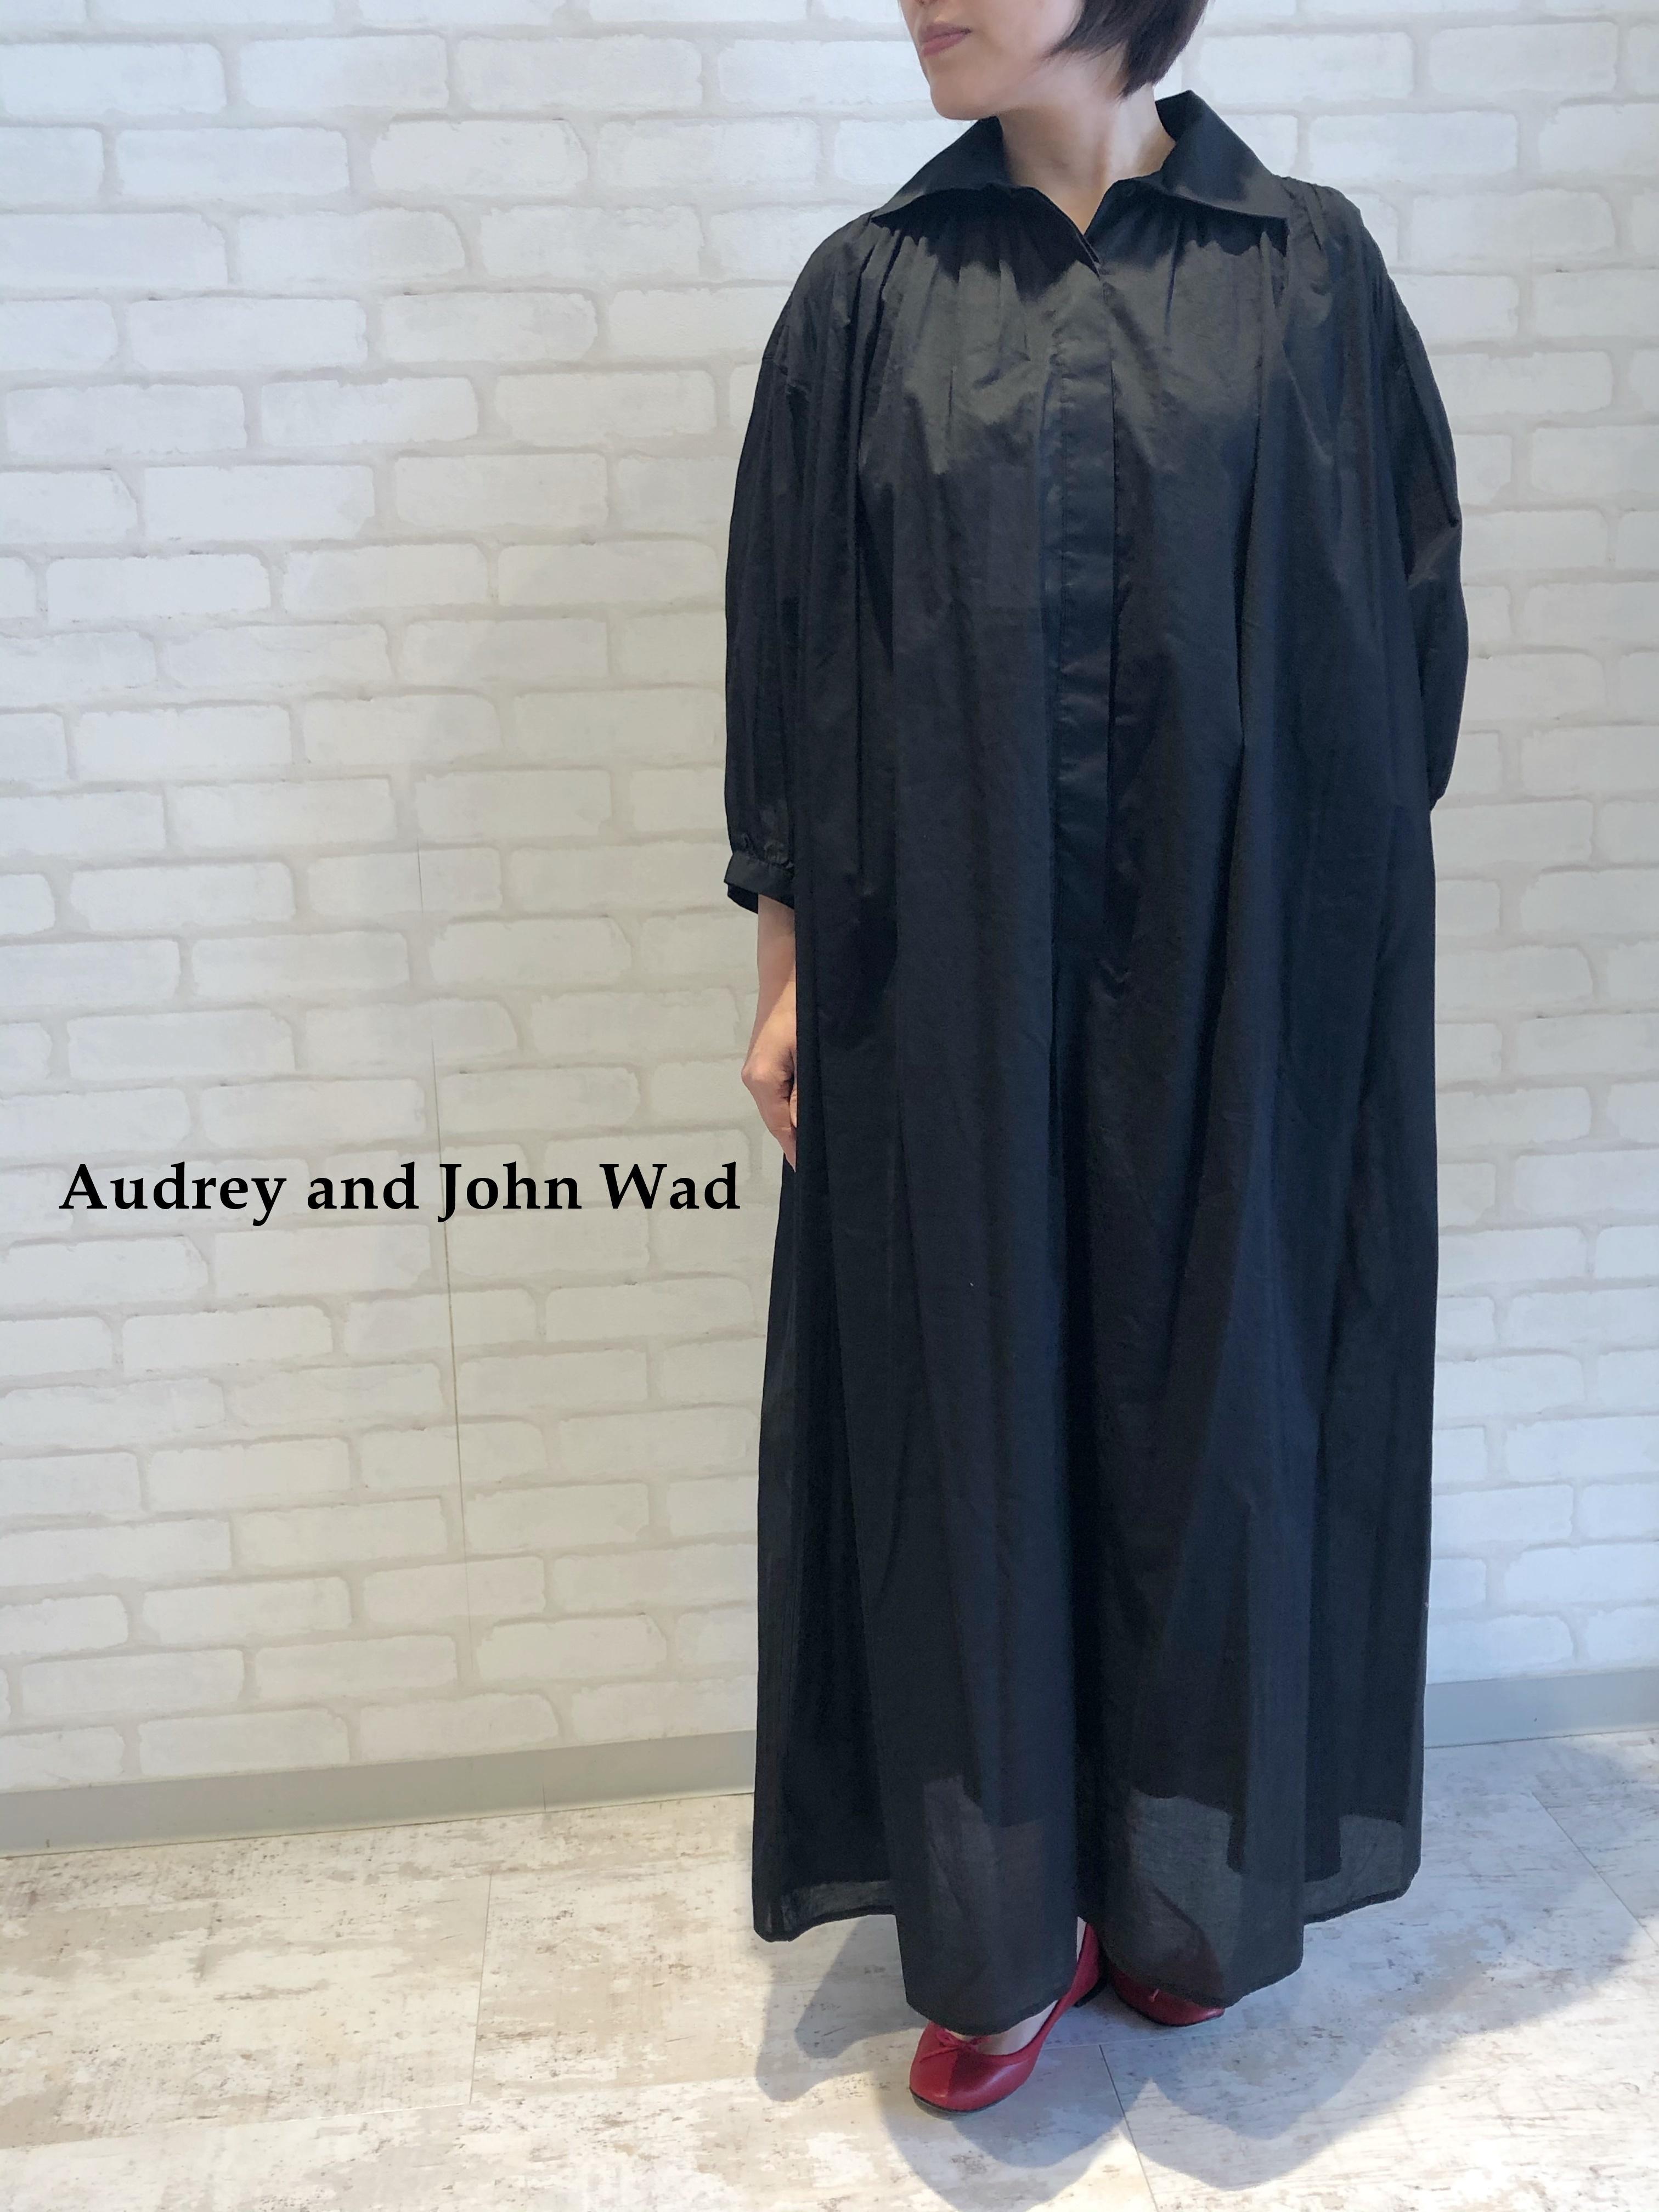 Audrey and John Wad/ギャザーボリュームワンピース/01901(ブラック)